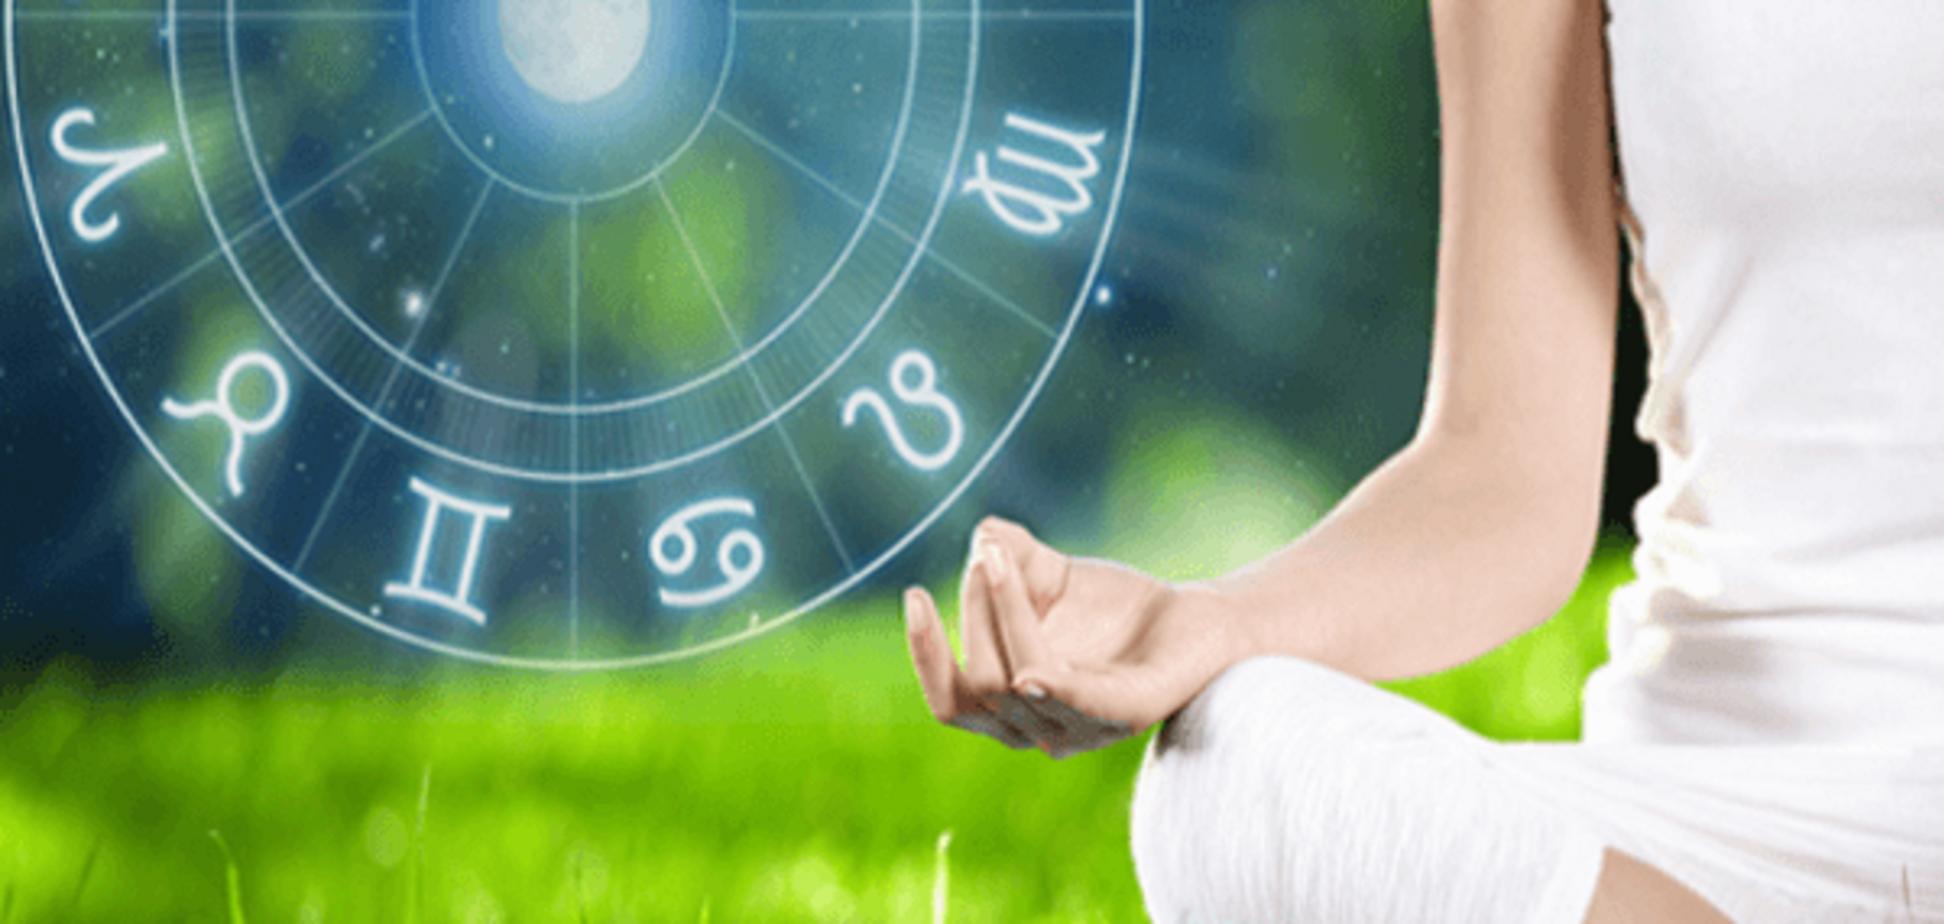 Мама по гороскопу - какой матерью вас считают астрологи